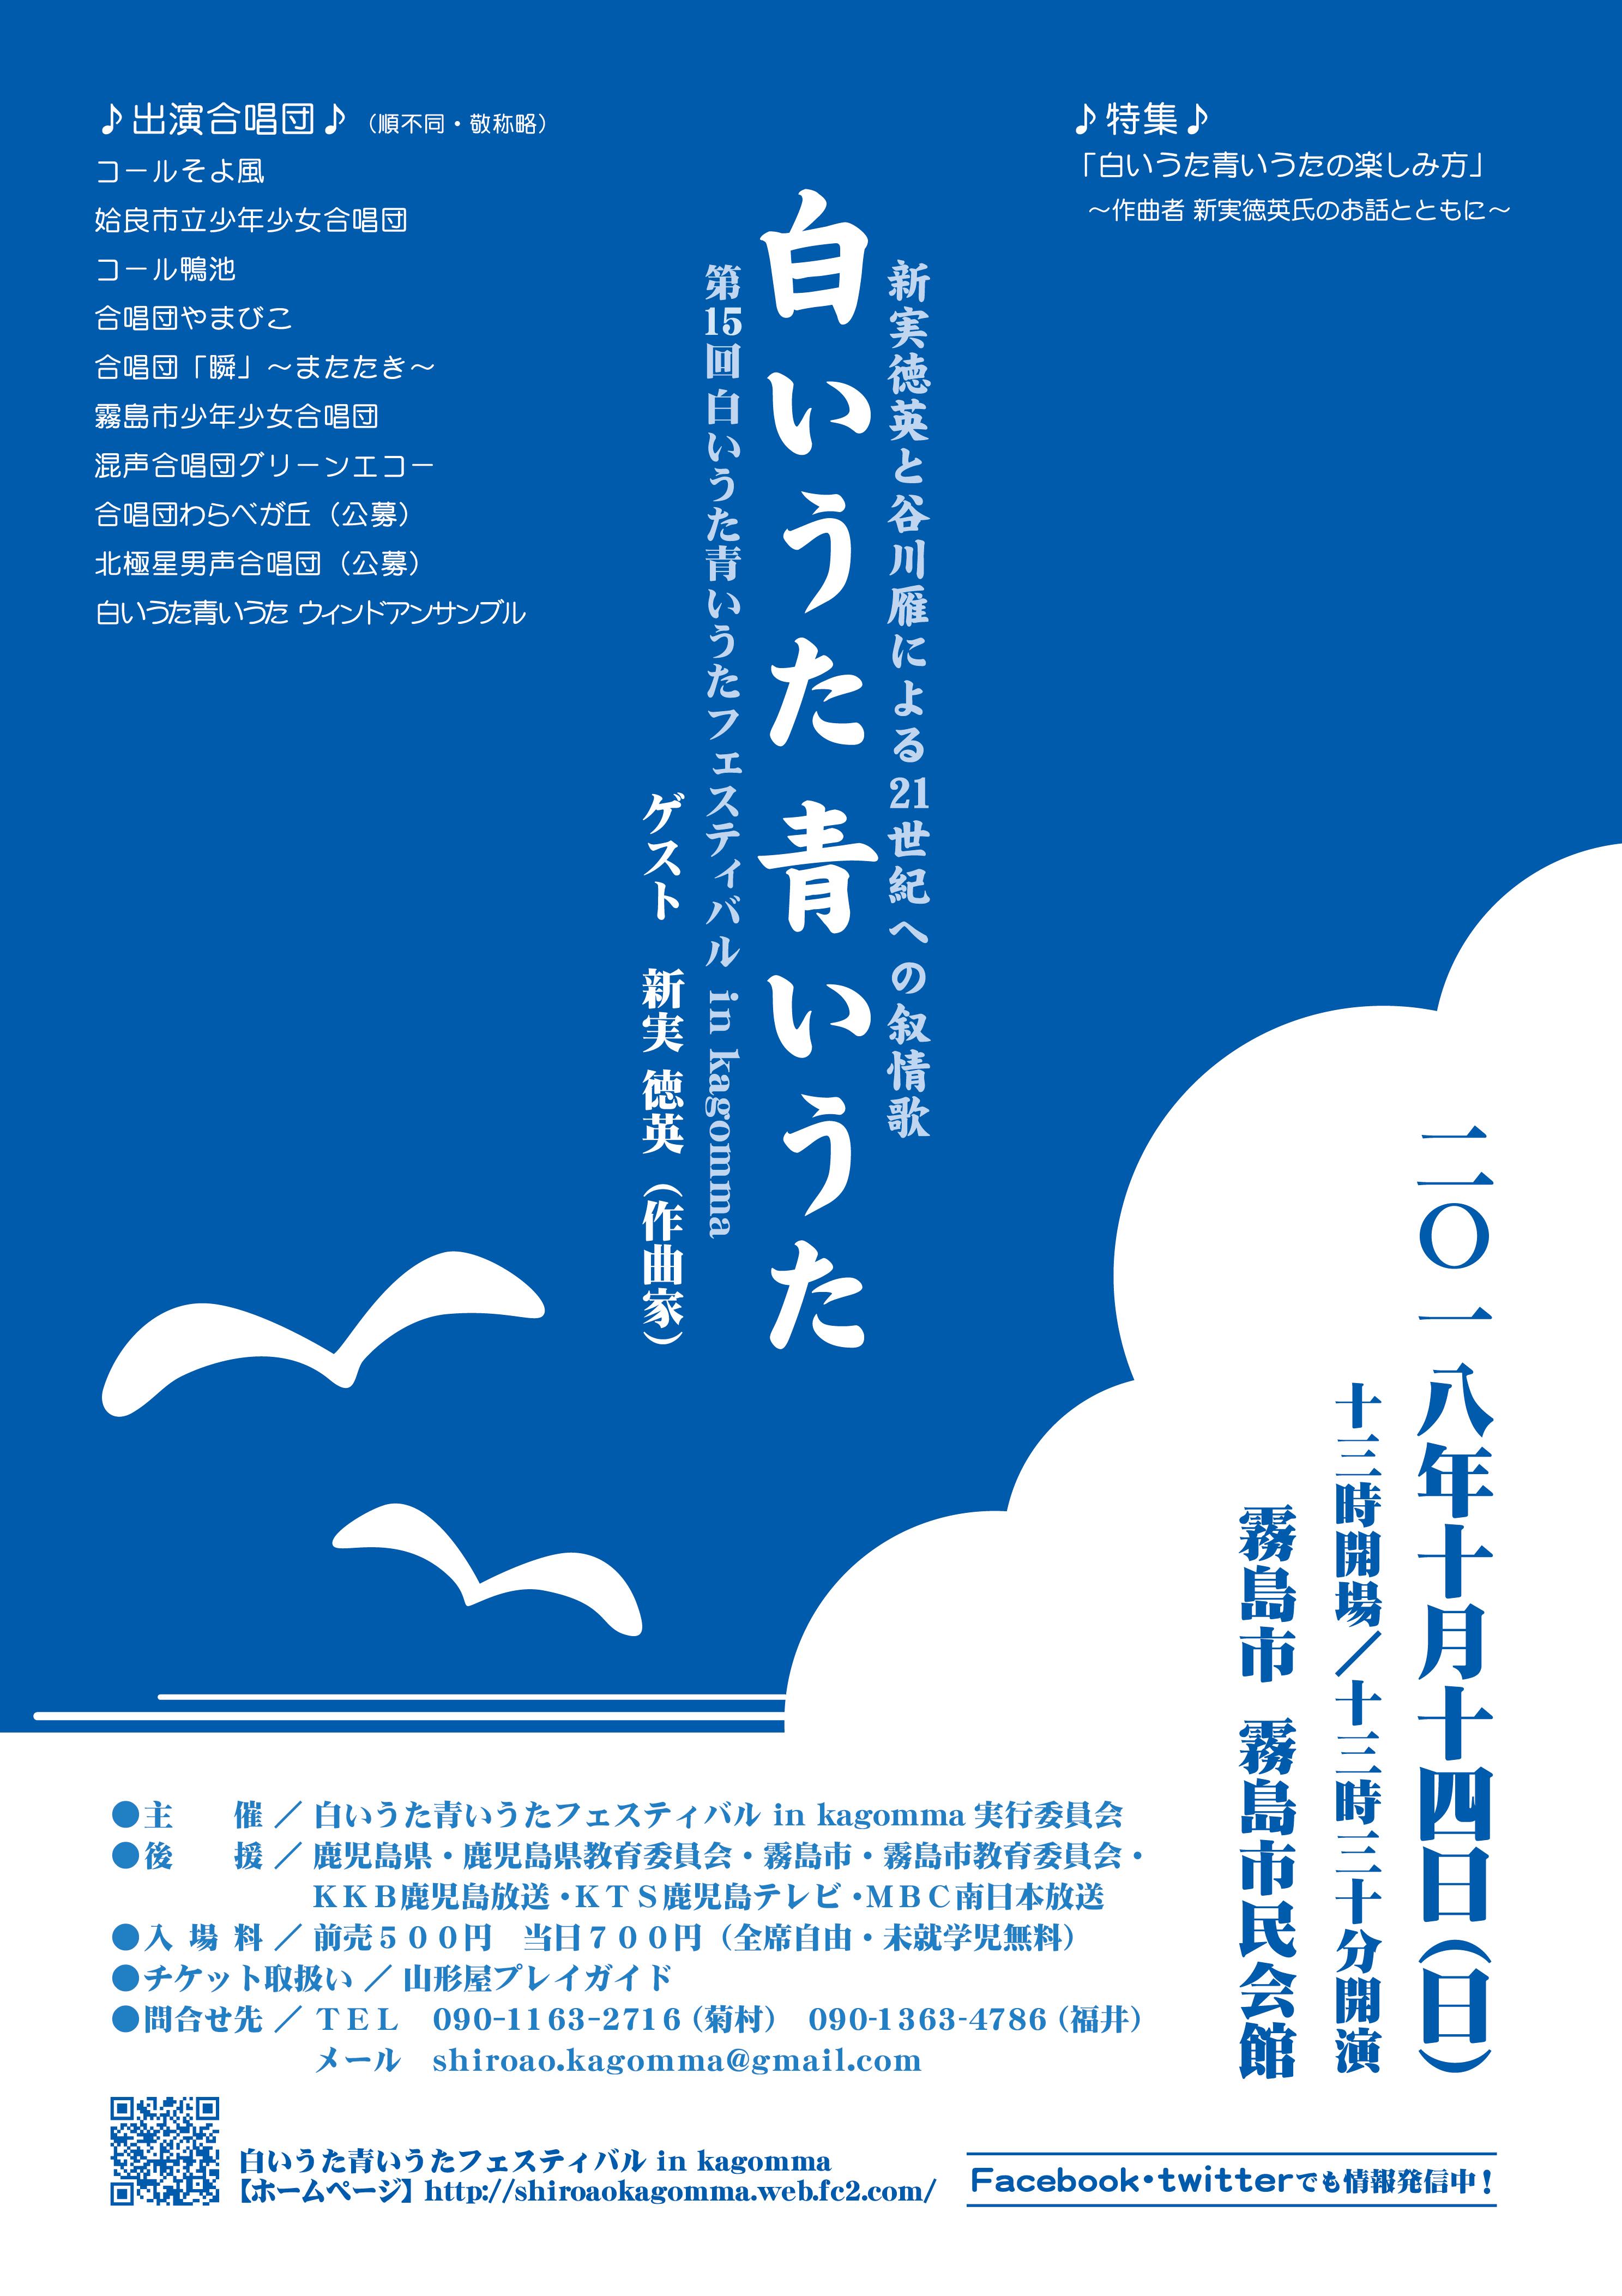 第15回白いうた青いうたフェスティバル in kagomma 2018.10.14